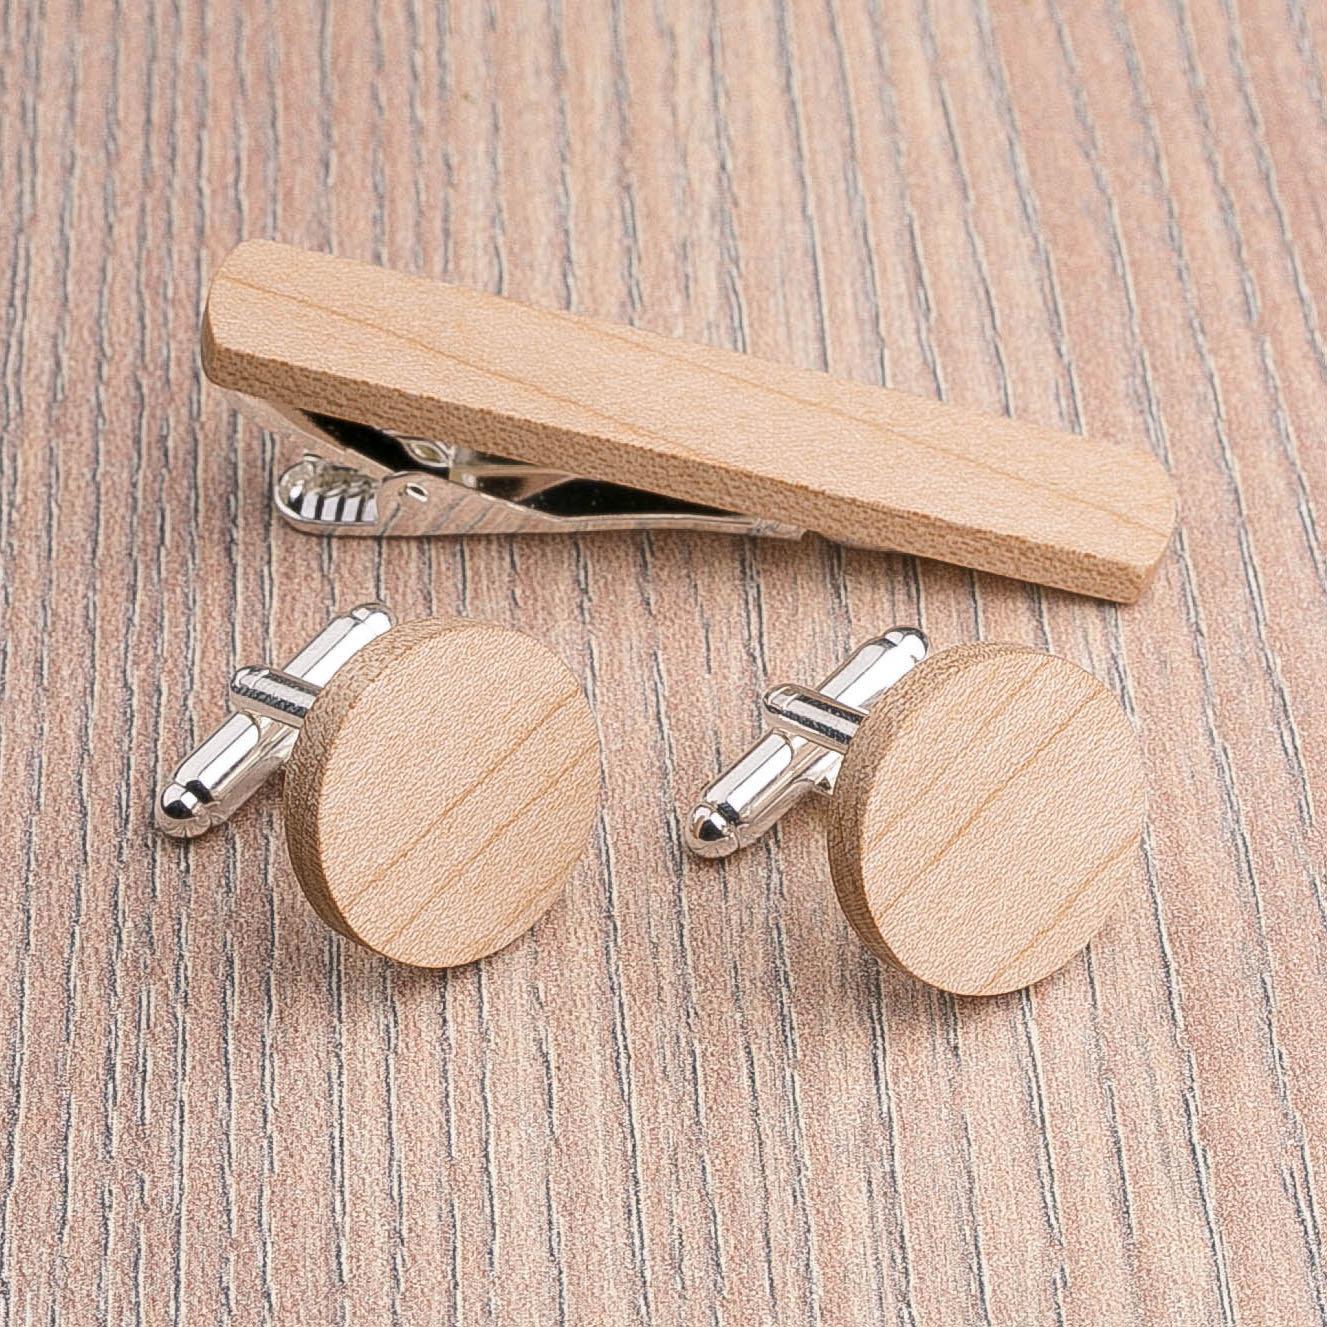 Комплект: Круглые запонки из дерева и Деревянный зажим для галстука. Массив клена. Гравировка инициалов. Упаковка в комплекте CufflinksSet-RoundMaple